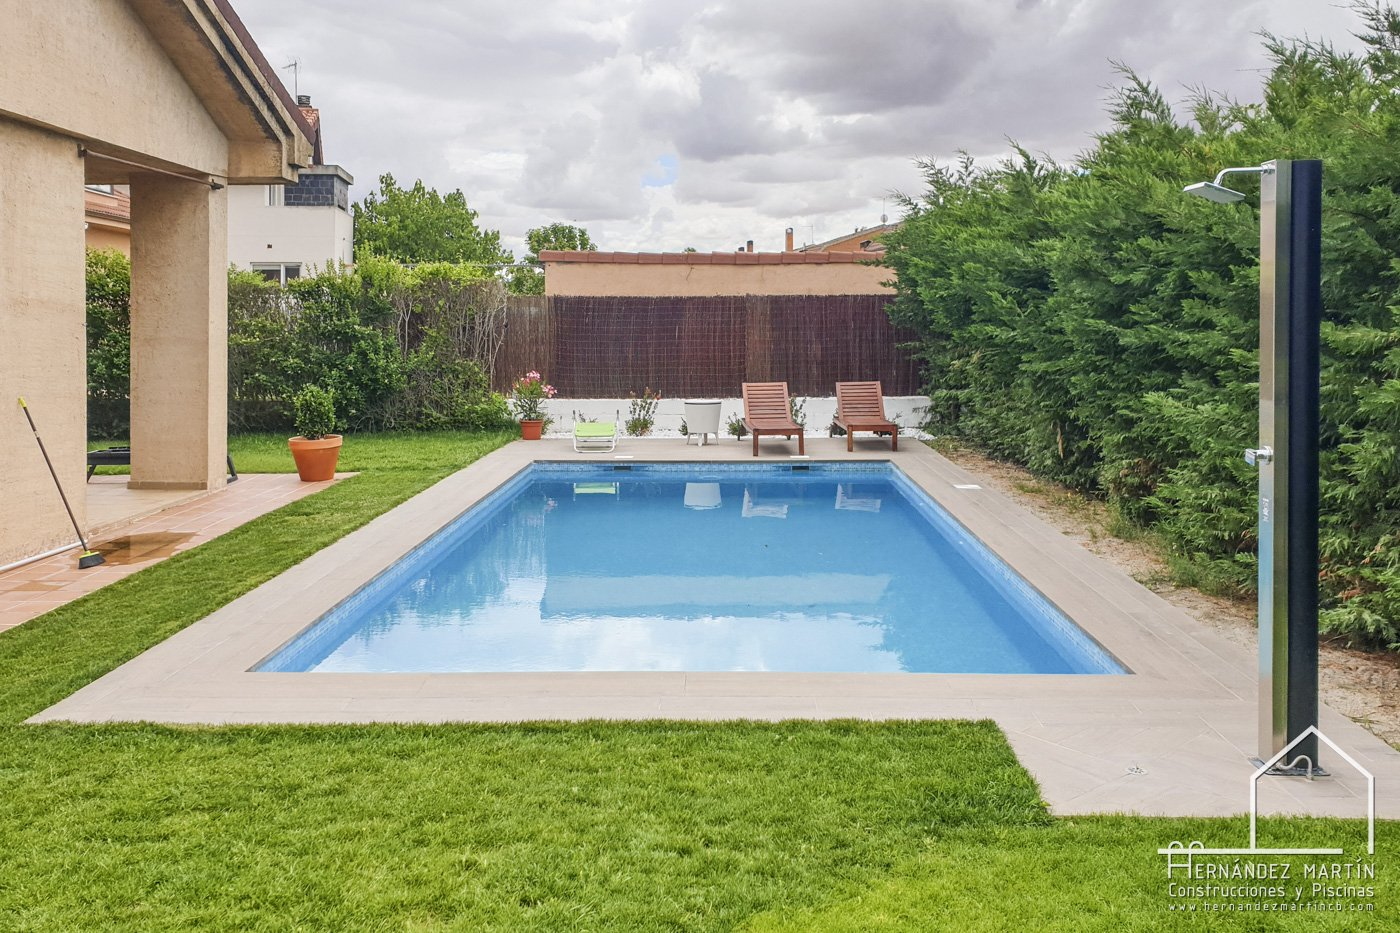 hernandez martin construcciones y piscinas experiencia obra piscina zamora salamanca imitacion madera